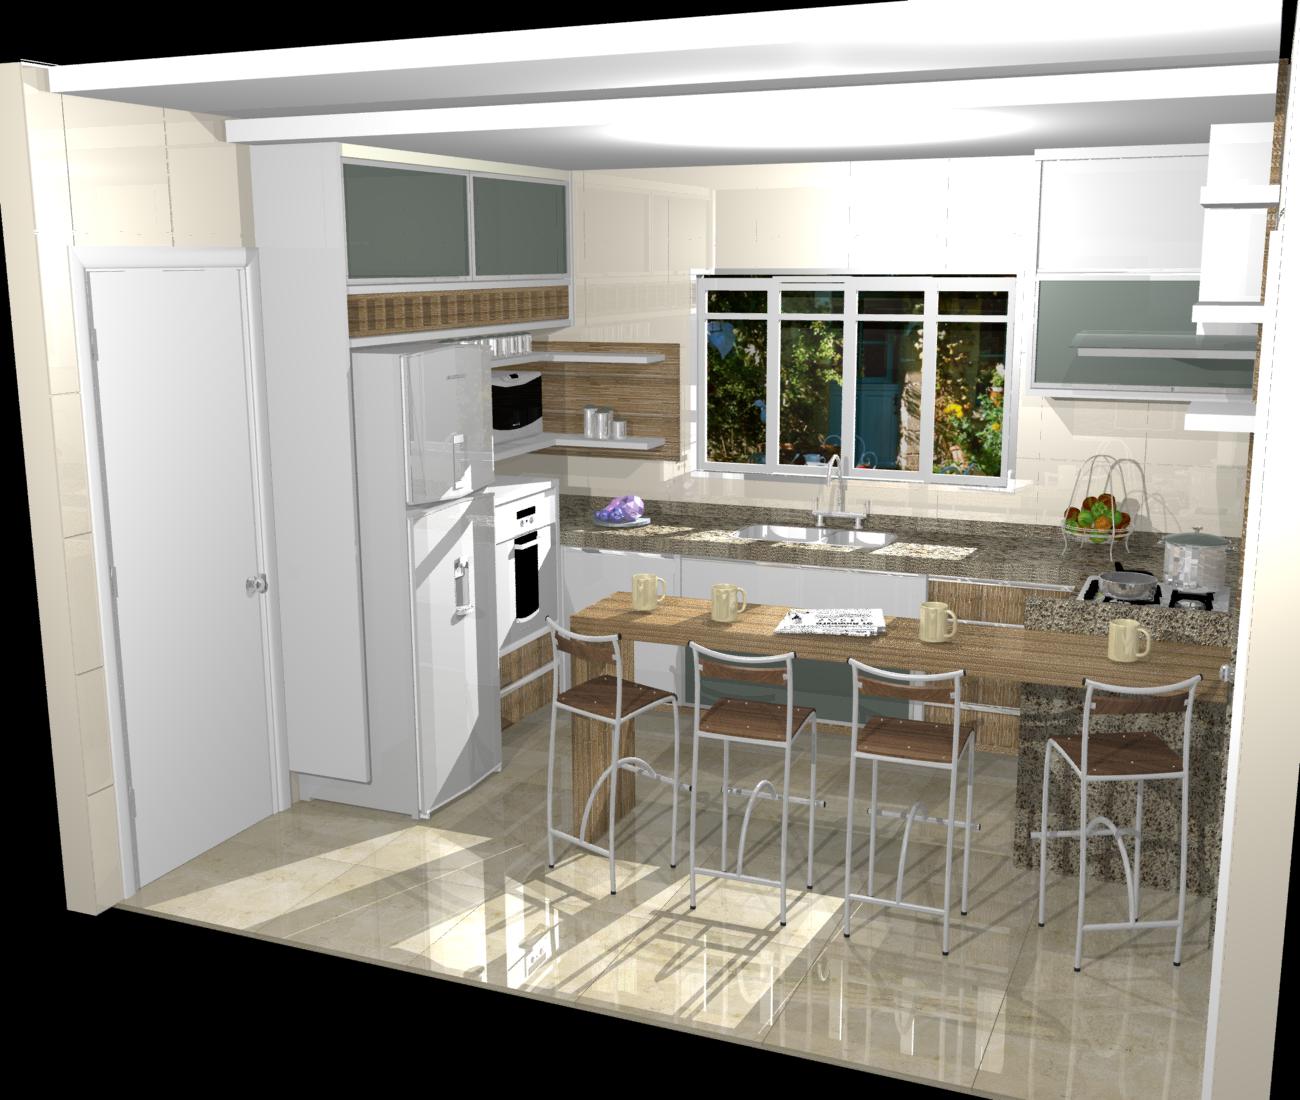 Projeto Cozinha Escola Dwg innovationetwork.com Idéias do projeto  #334E5F 1300x1100 Banheiro Acessivel Cad Blocos